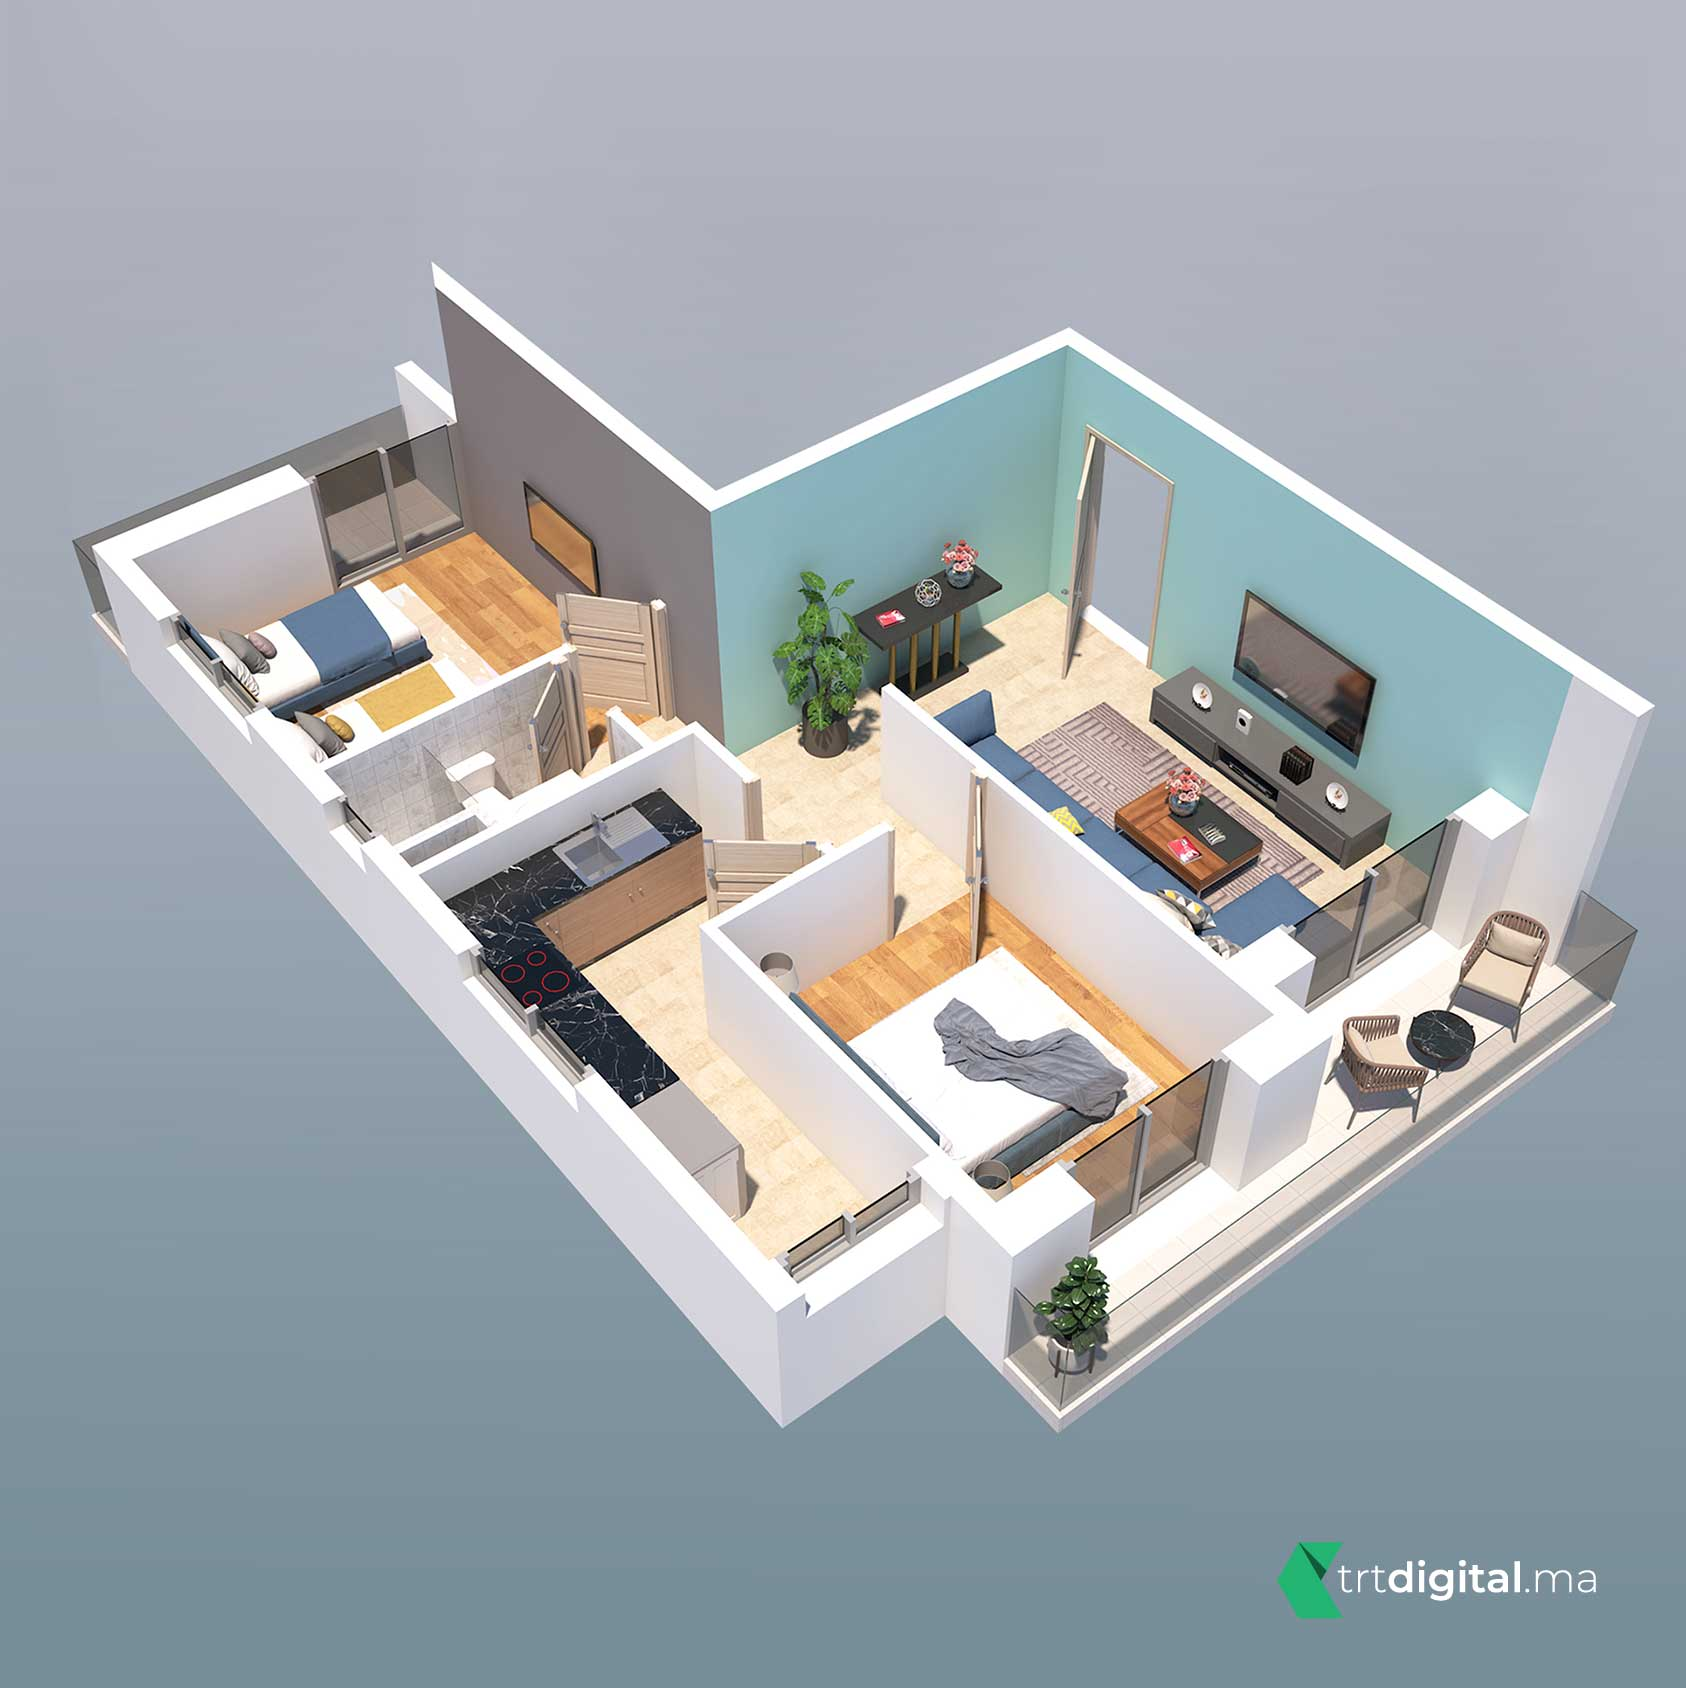 iCom-Agence-de-Communication-au-Maroc-Casablanca-creation-photo-archetecture-interieur-exterieur-3d2020-05-24 at 4.31.04 PM 17